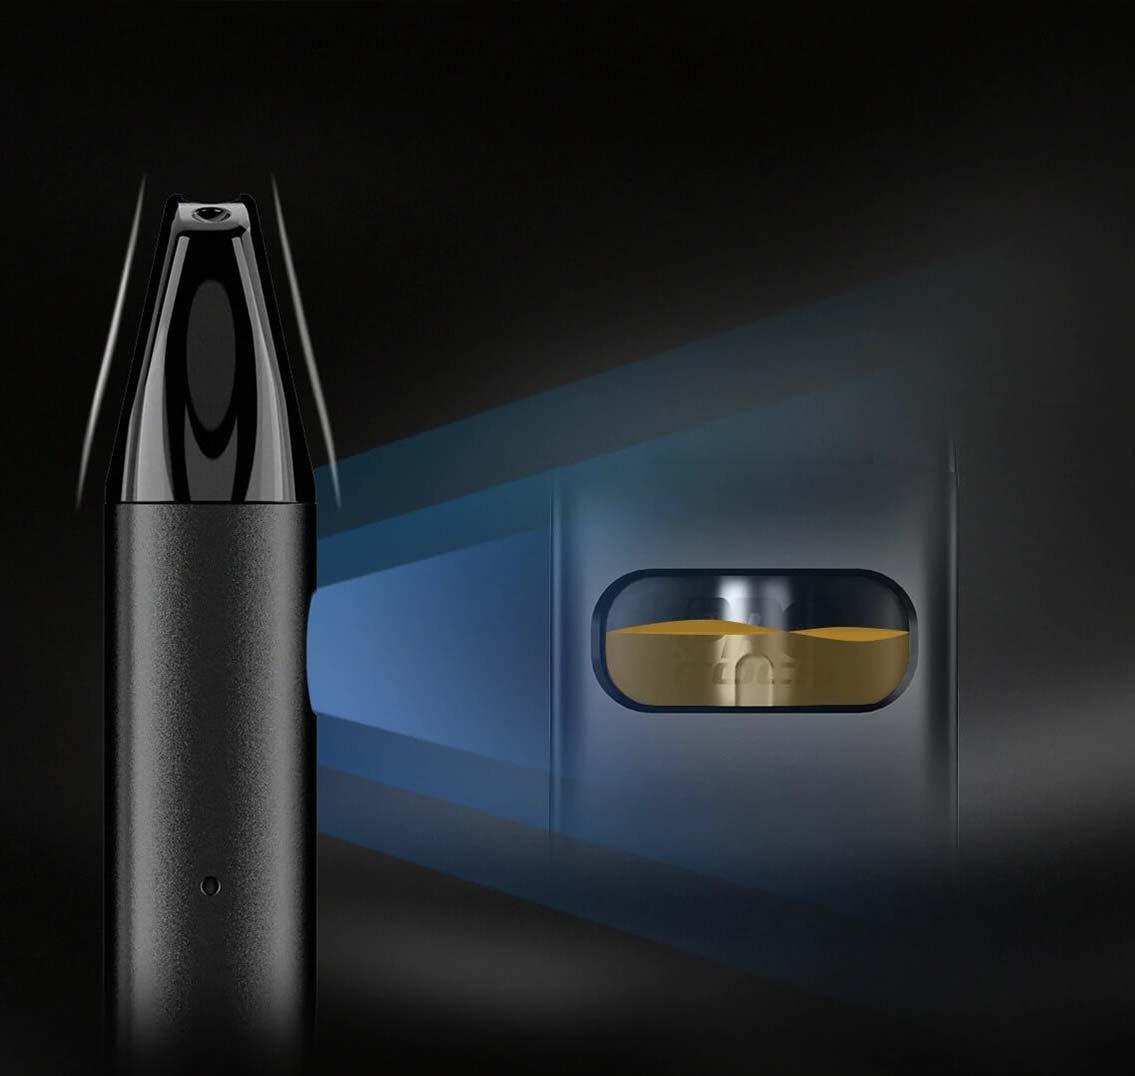 pod e-liquide caliburn A2